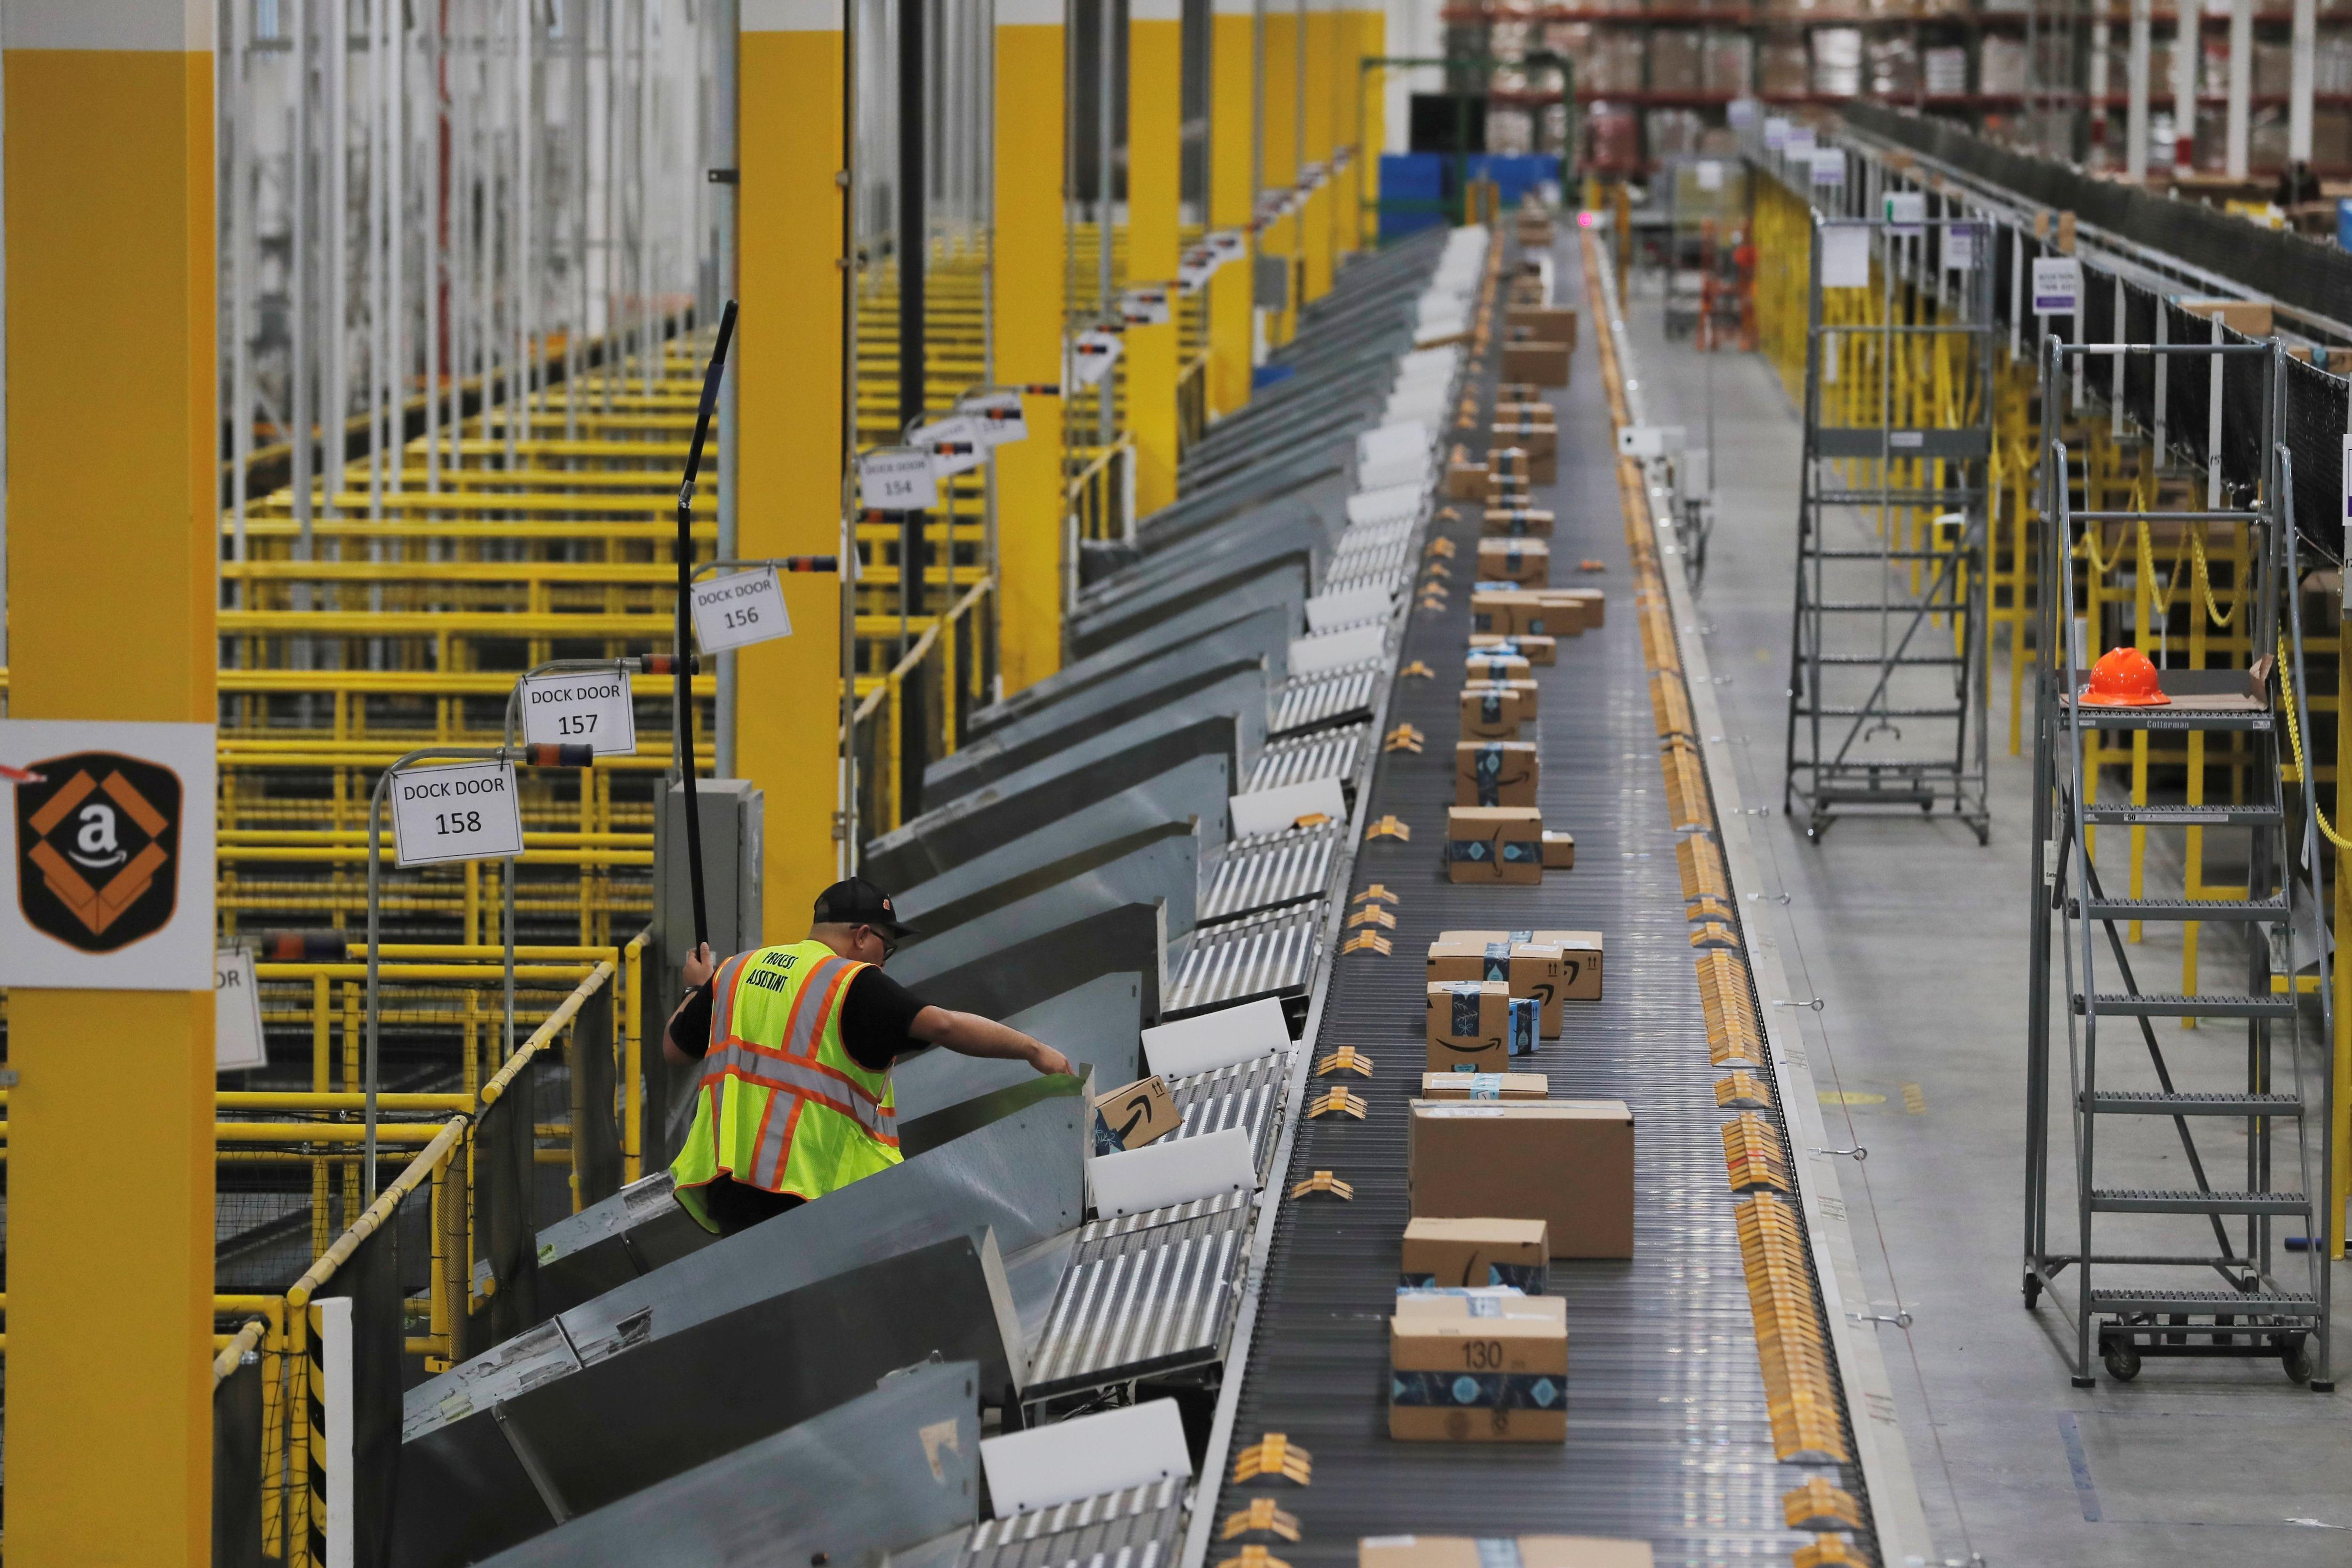 Un centro de distribución de Amazon, procesando envíos REUTERS/Lucas Jackson/File Photo